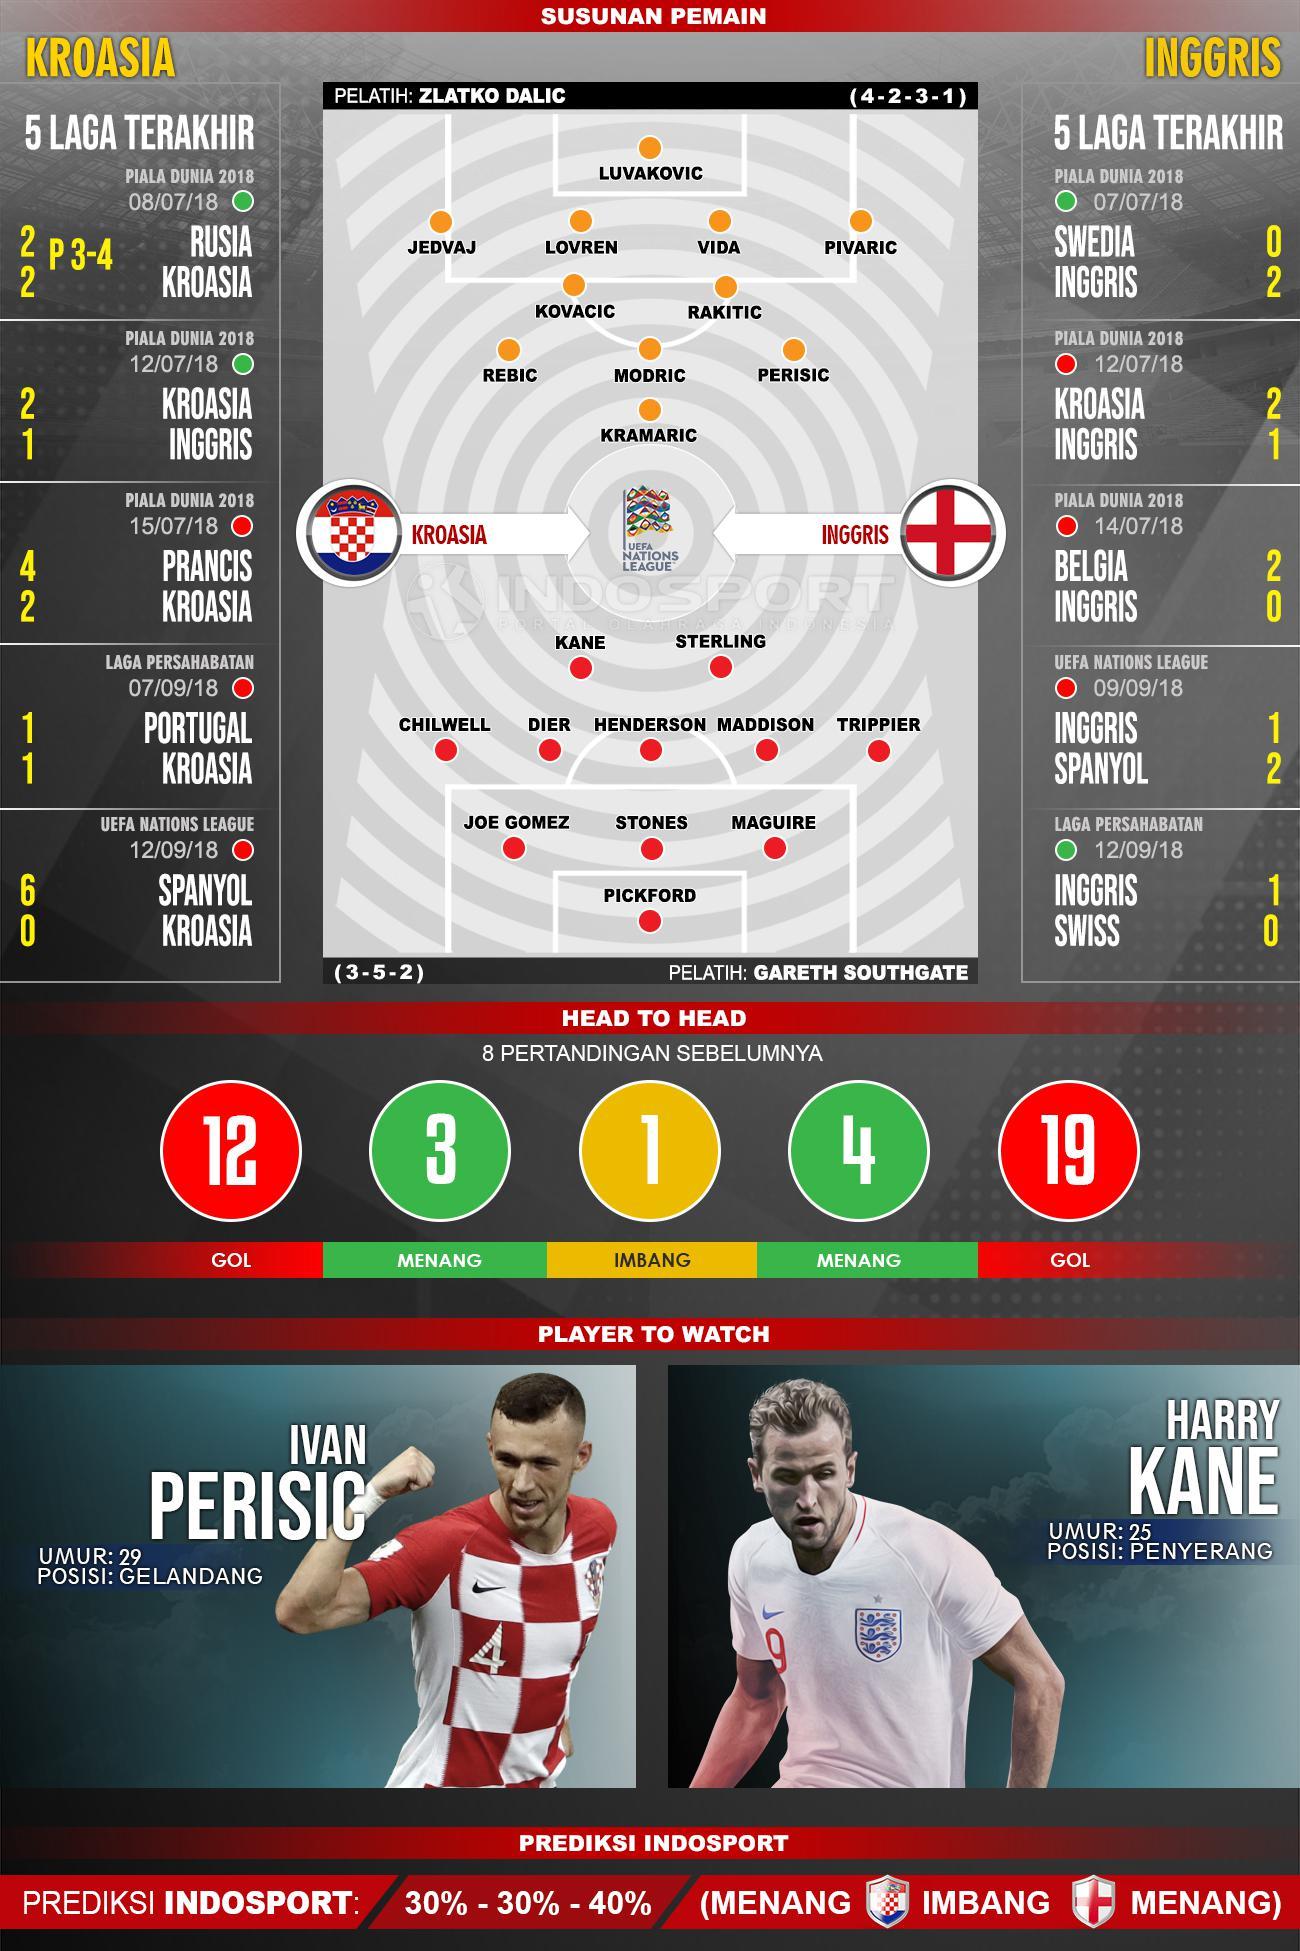 Kroasia vs Inggris (Susunan Pemain - Lima Laga Terakhir - Player to Watch - Prediksi Indosport) Copyright: INDOSPORT